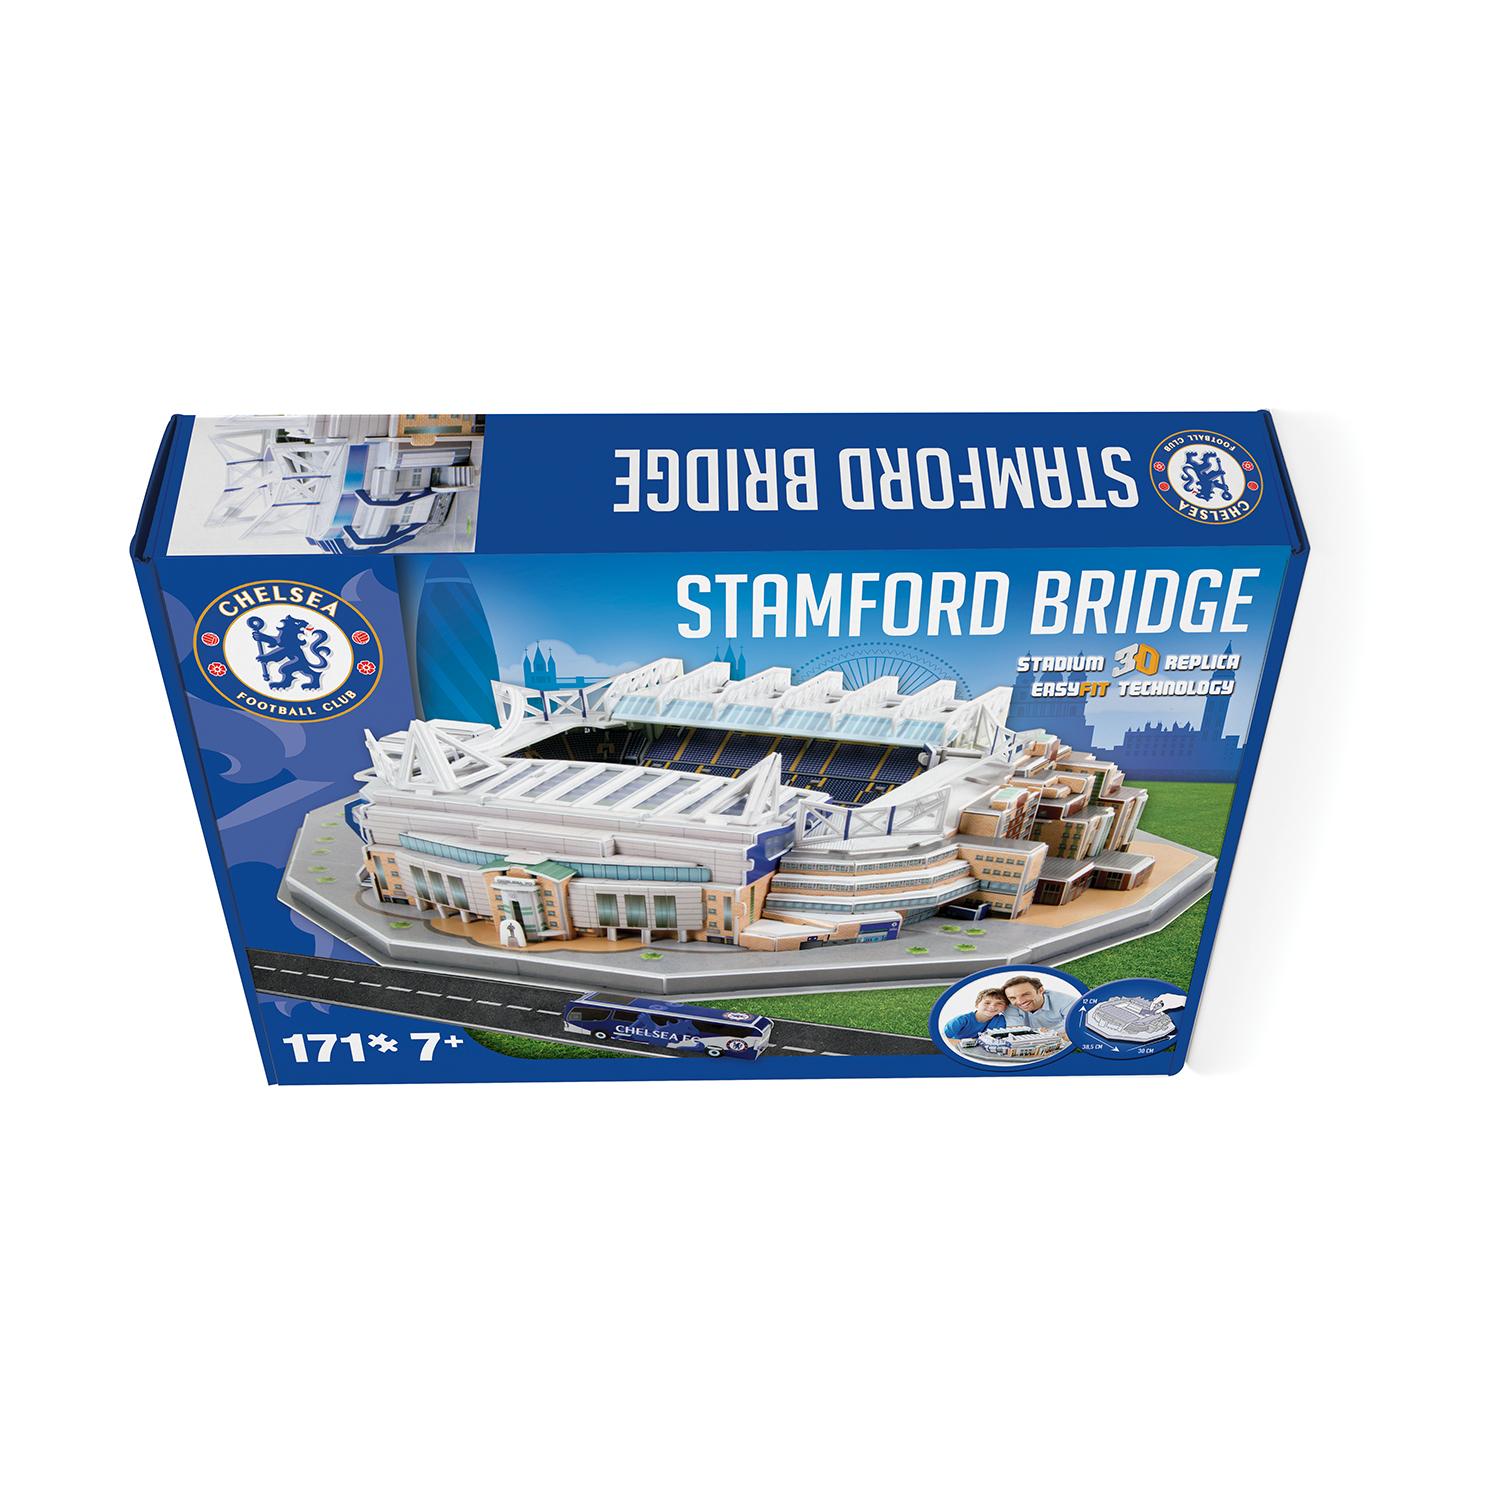 Paul Lamond Games – Chelsea Stamford Bridge Stadium 3D Puzzle